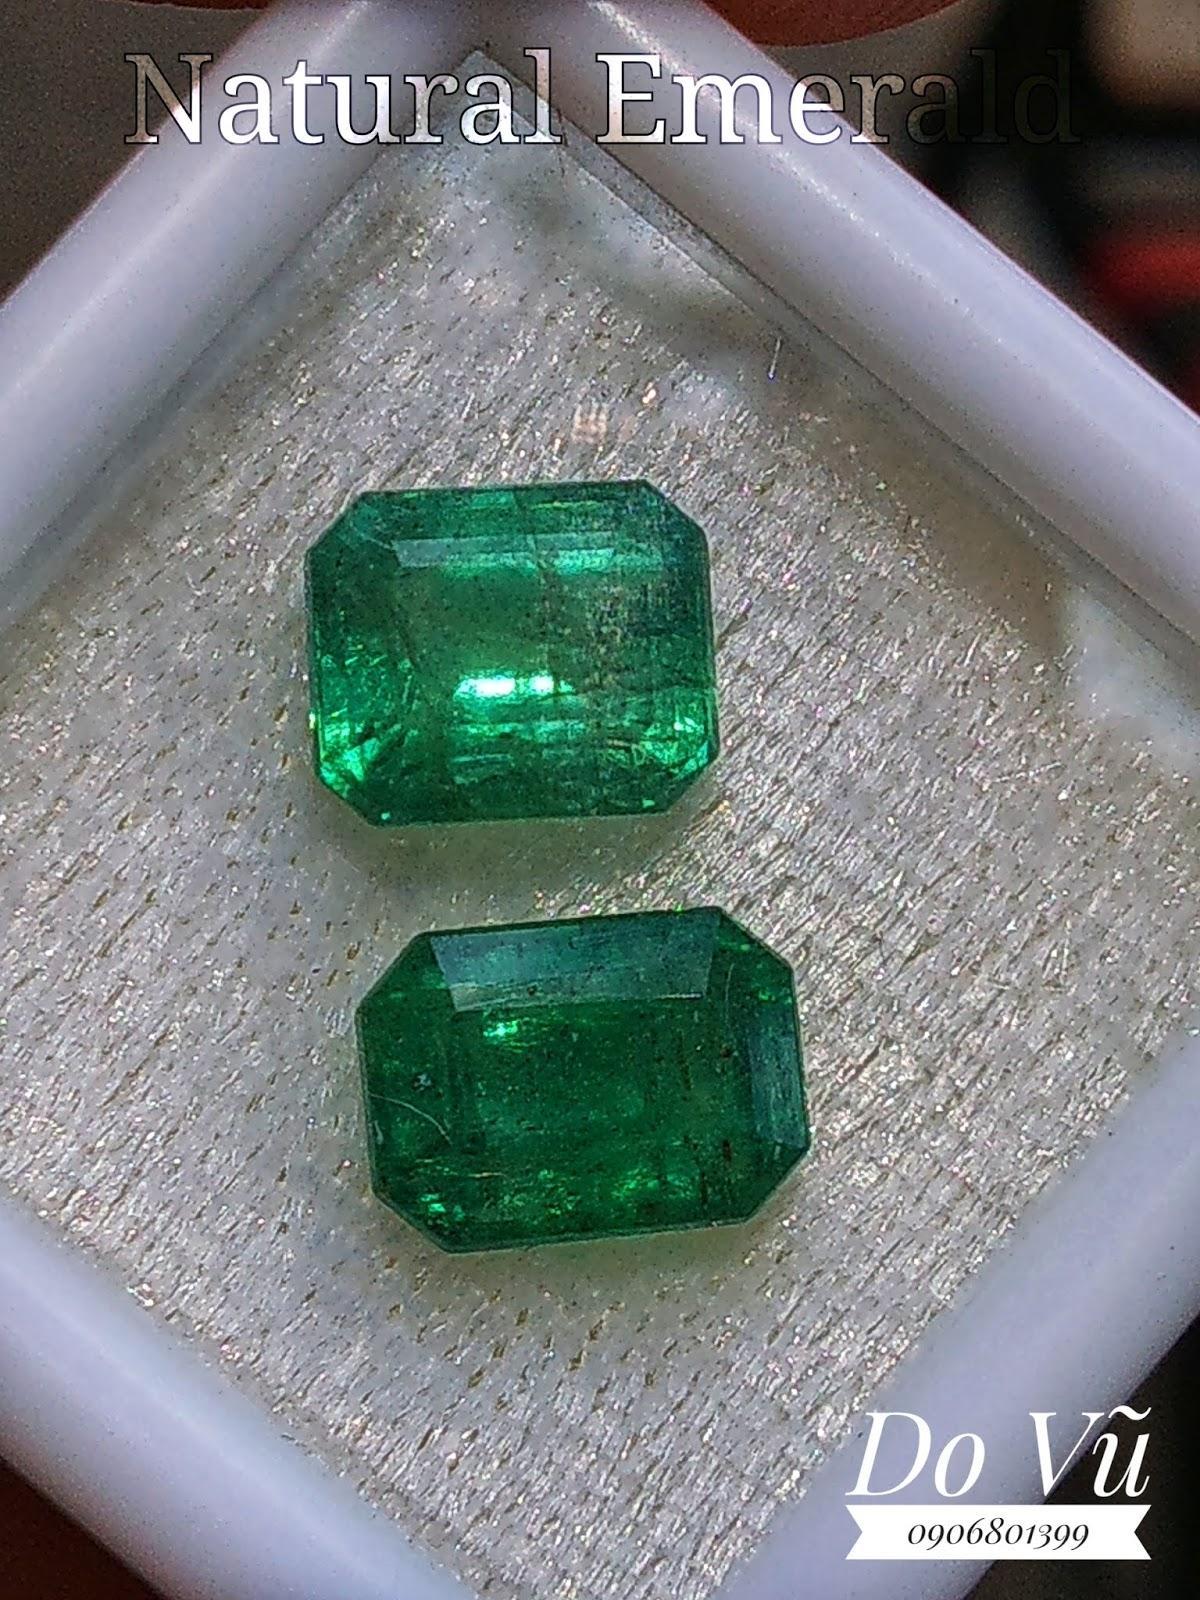 Đá quý Ngọc Lục Bảo thiên nhiên, Natural Emerald chất ngọc kính xanh chuẩn lửa mạnh ( 12/04/20, 05 )